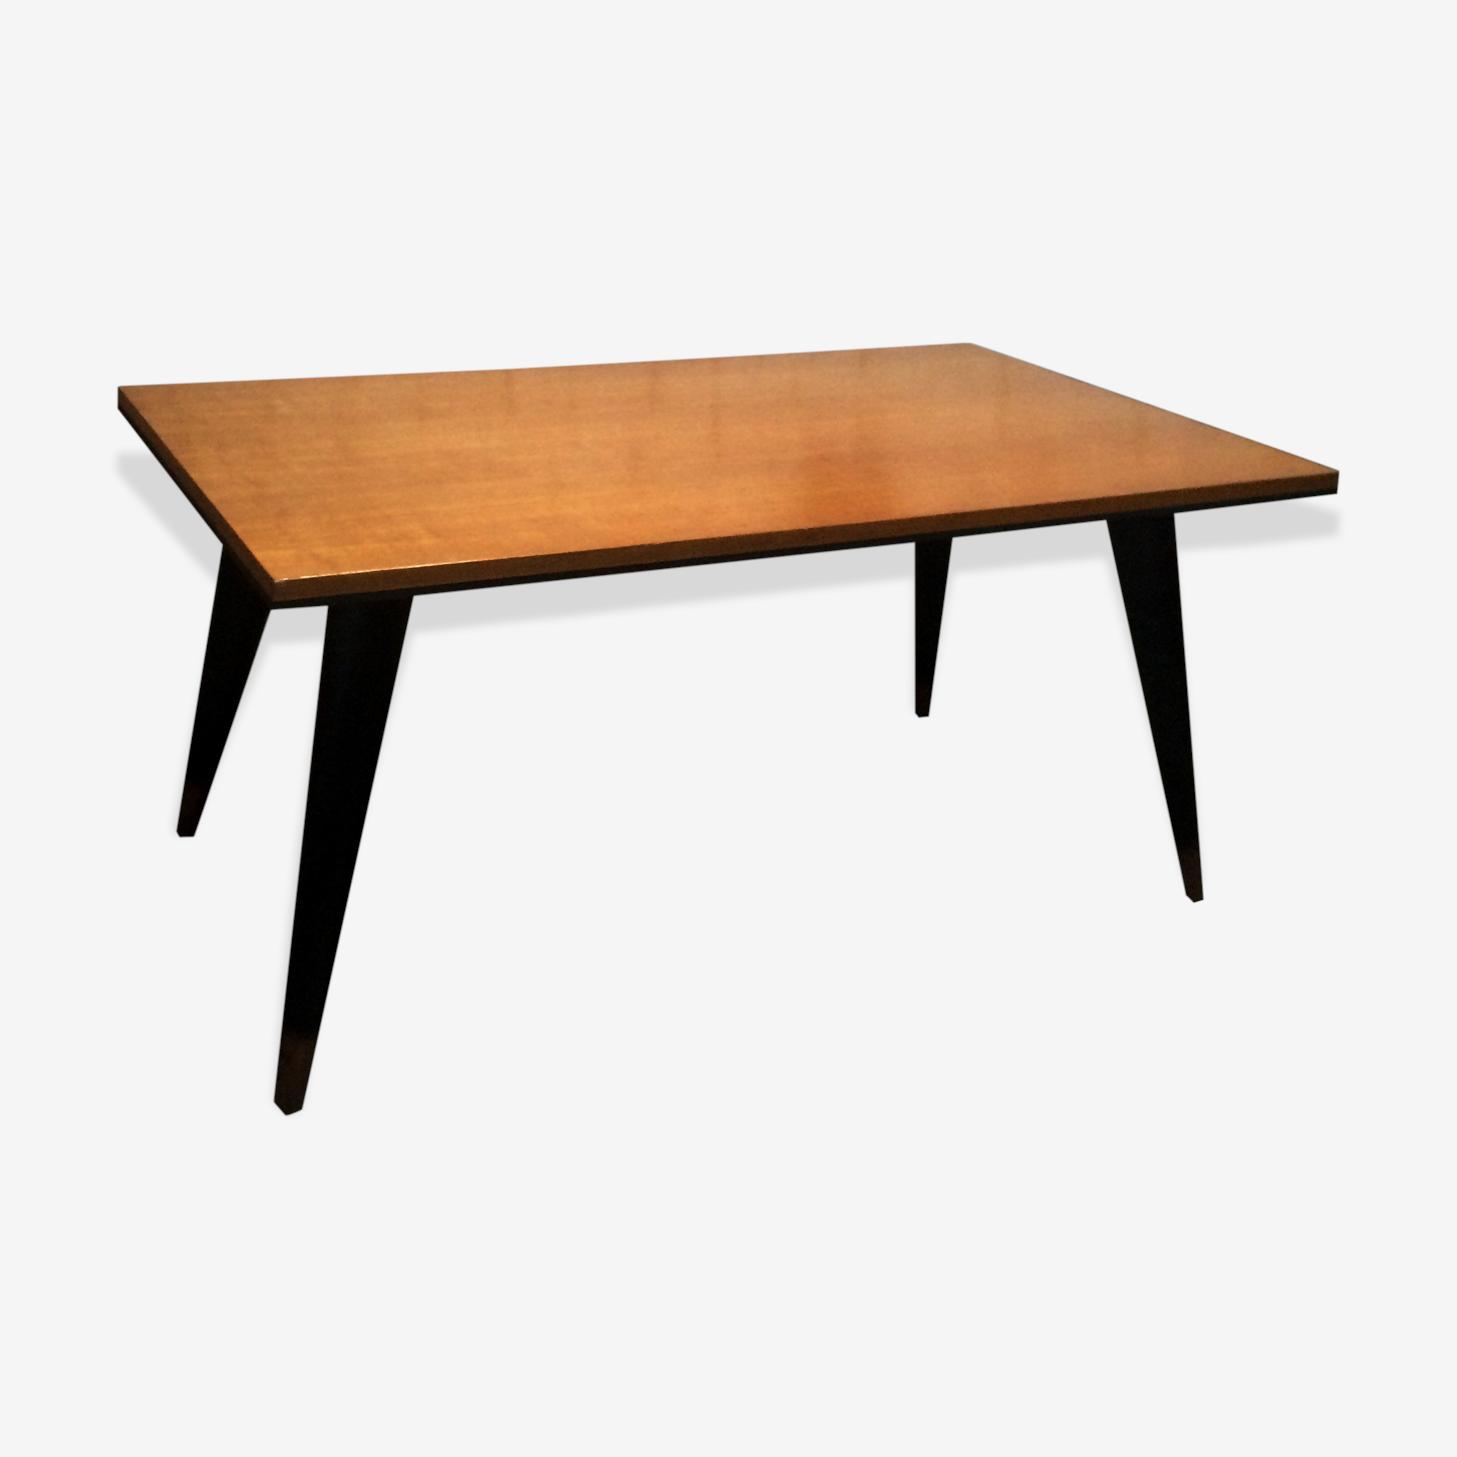 Table scandinave vintage des années 50 à pieds compas bois et noir revisité